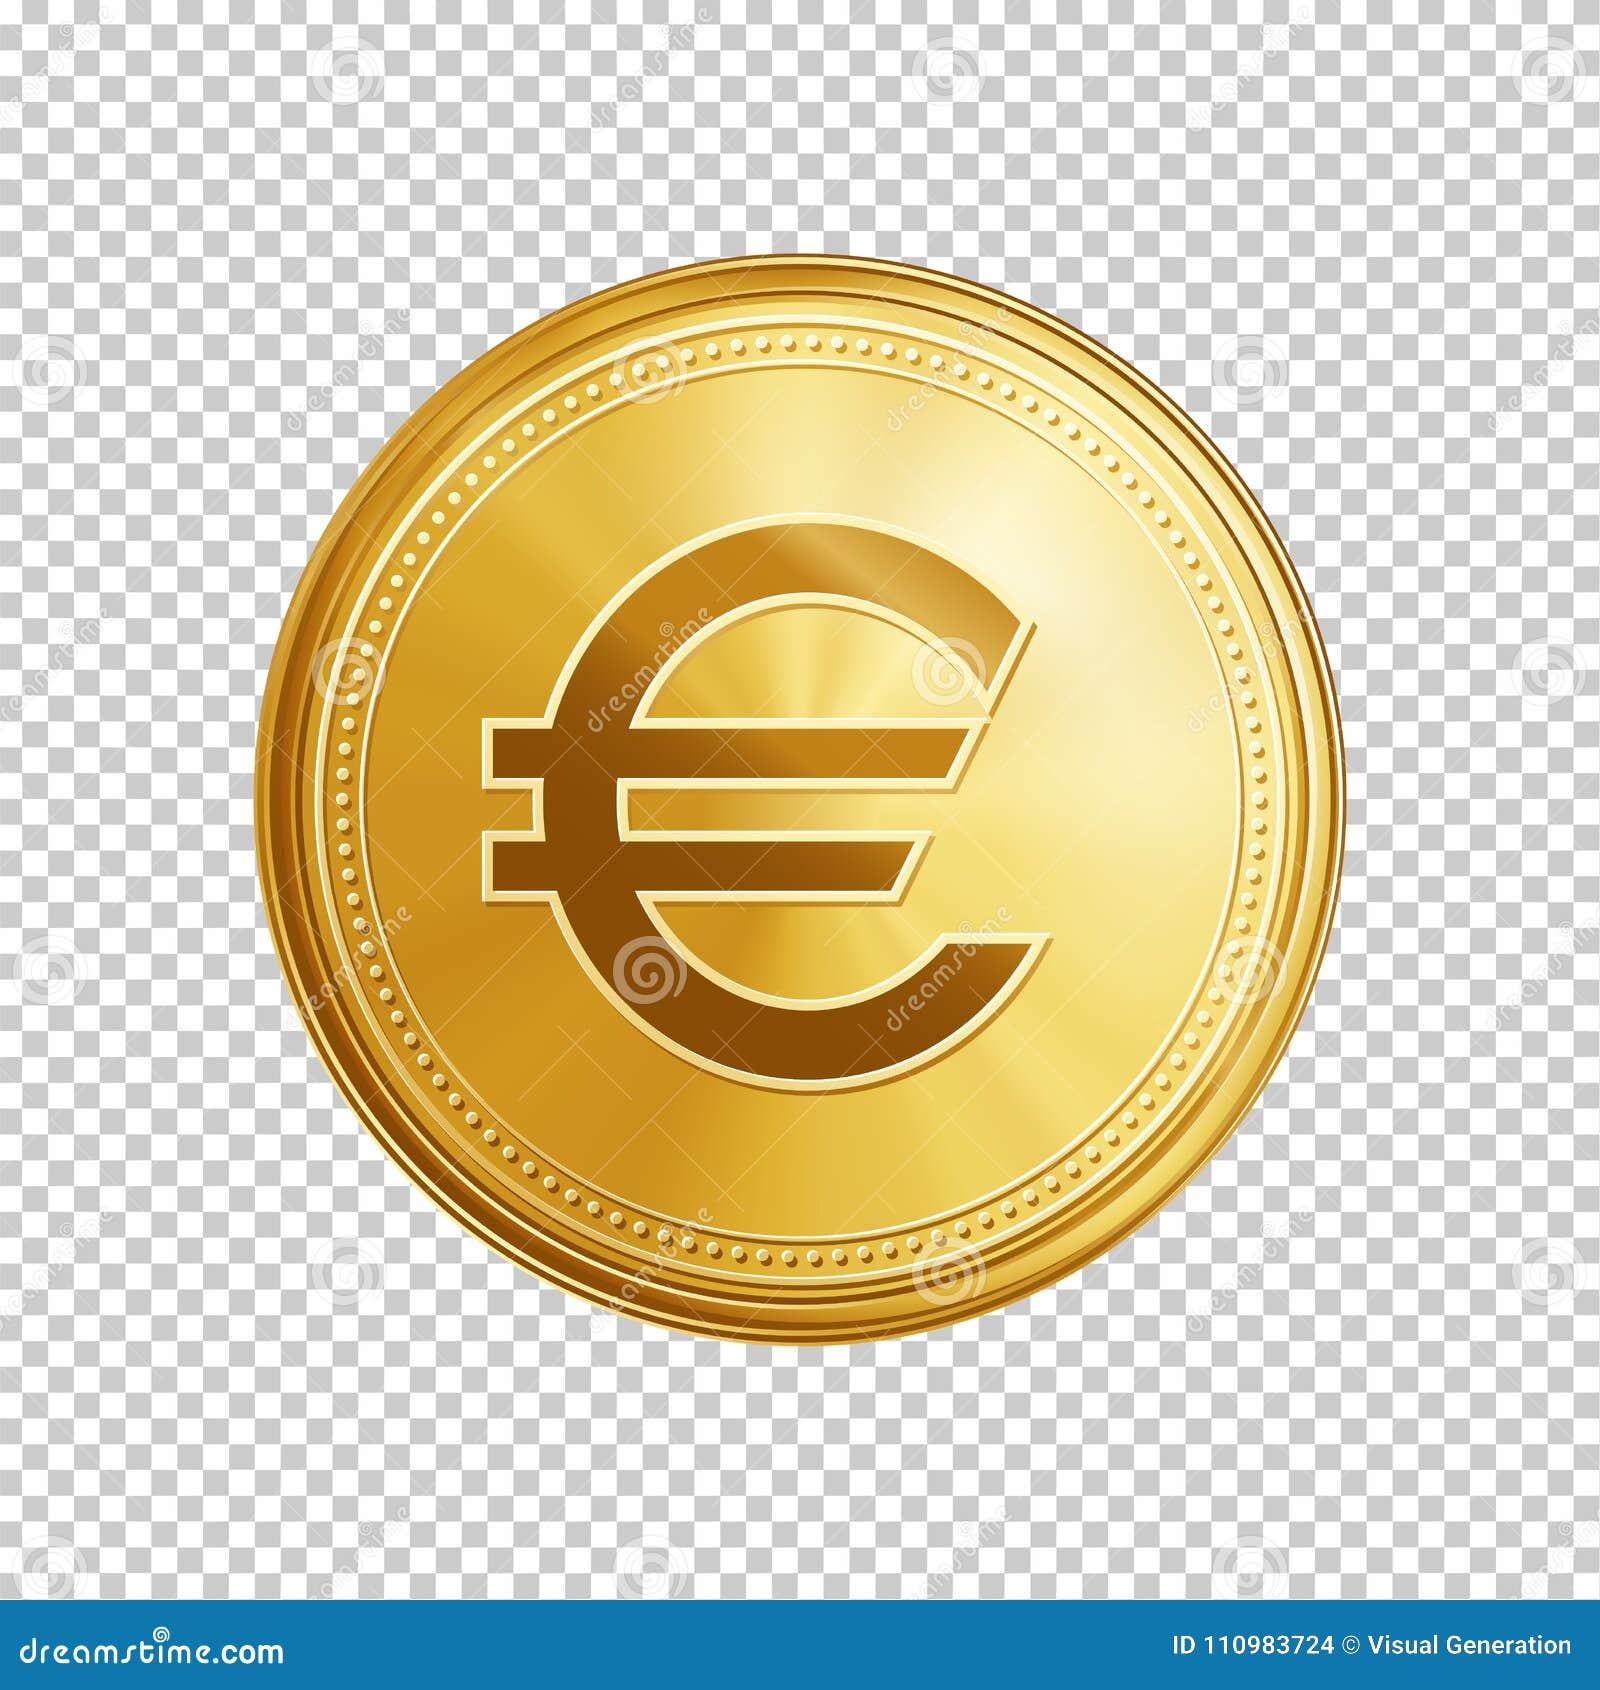 Golden euro coin symbol stock vector illustration of finance golden euro coin symbol biocorpaavc Choice Image